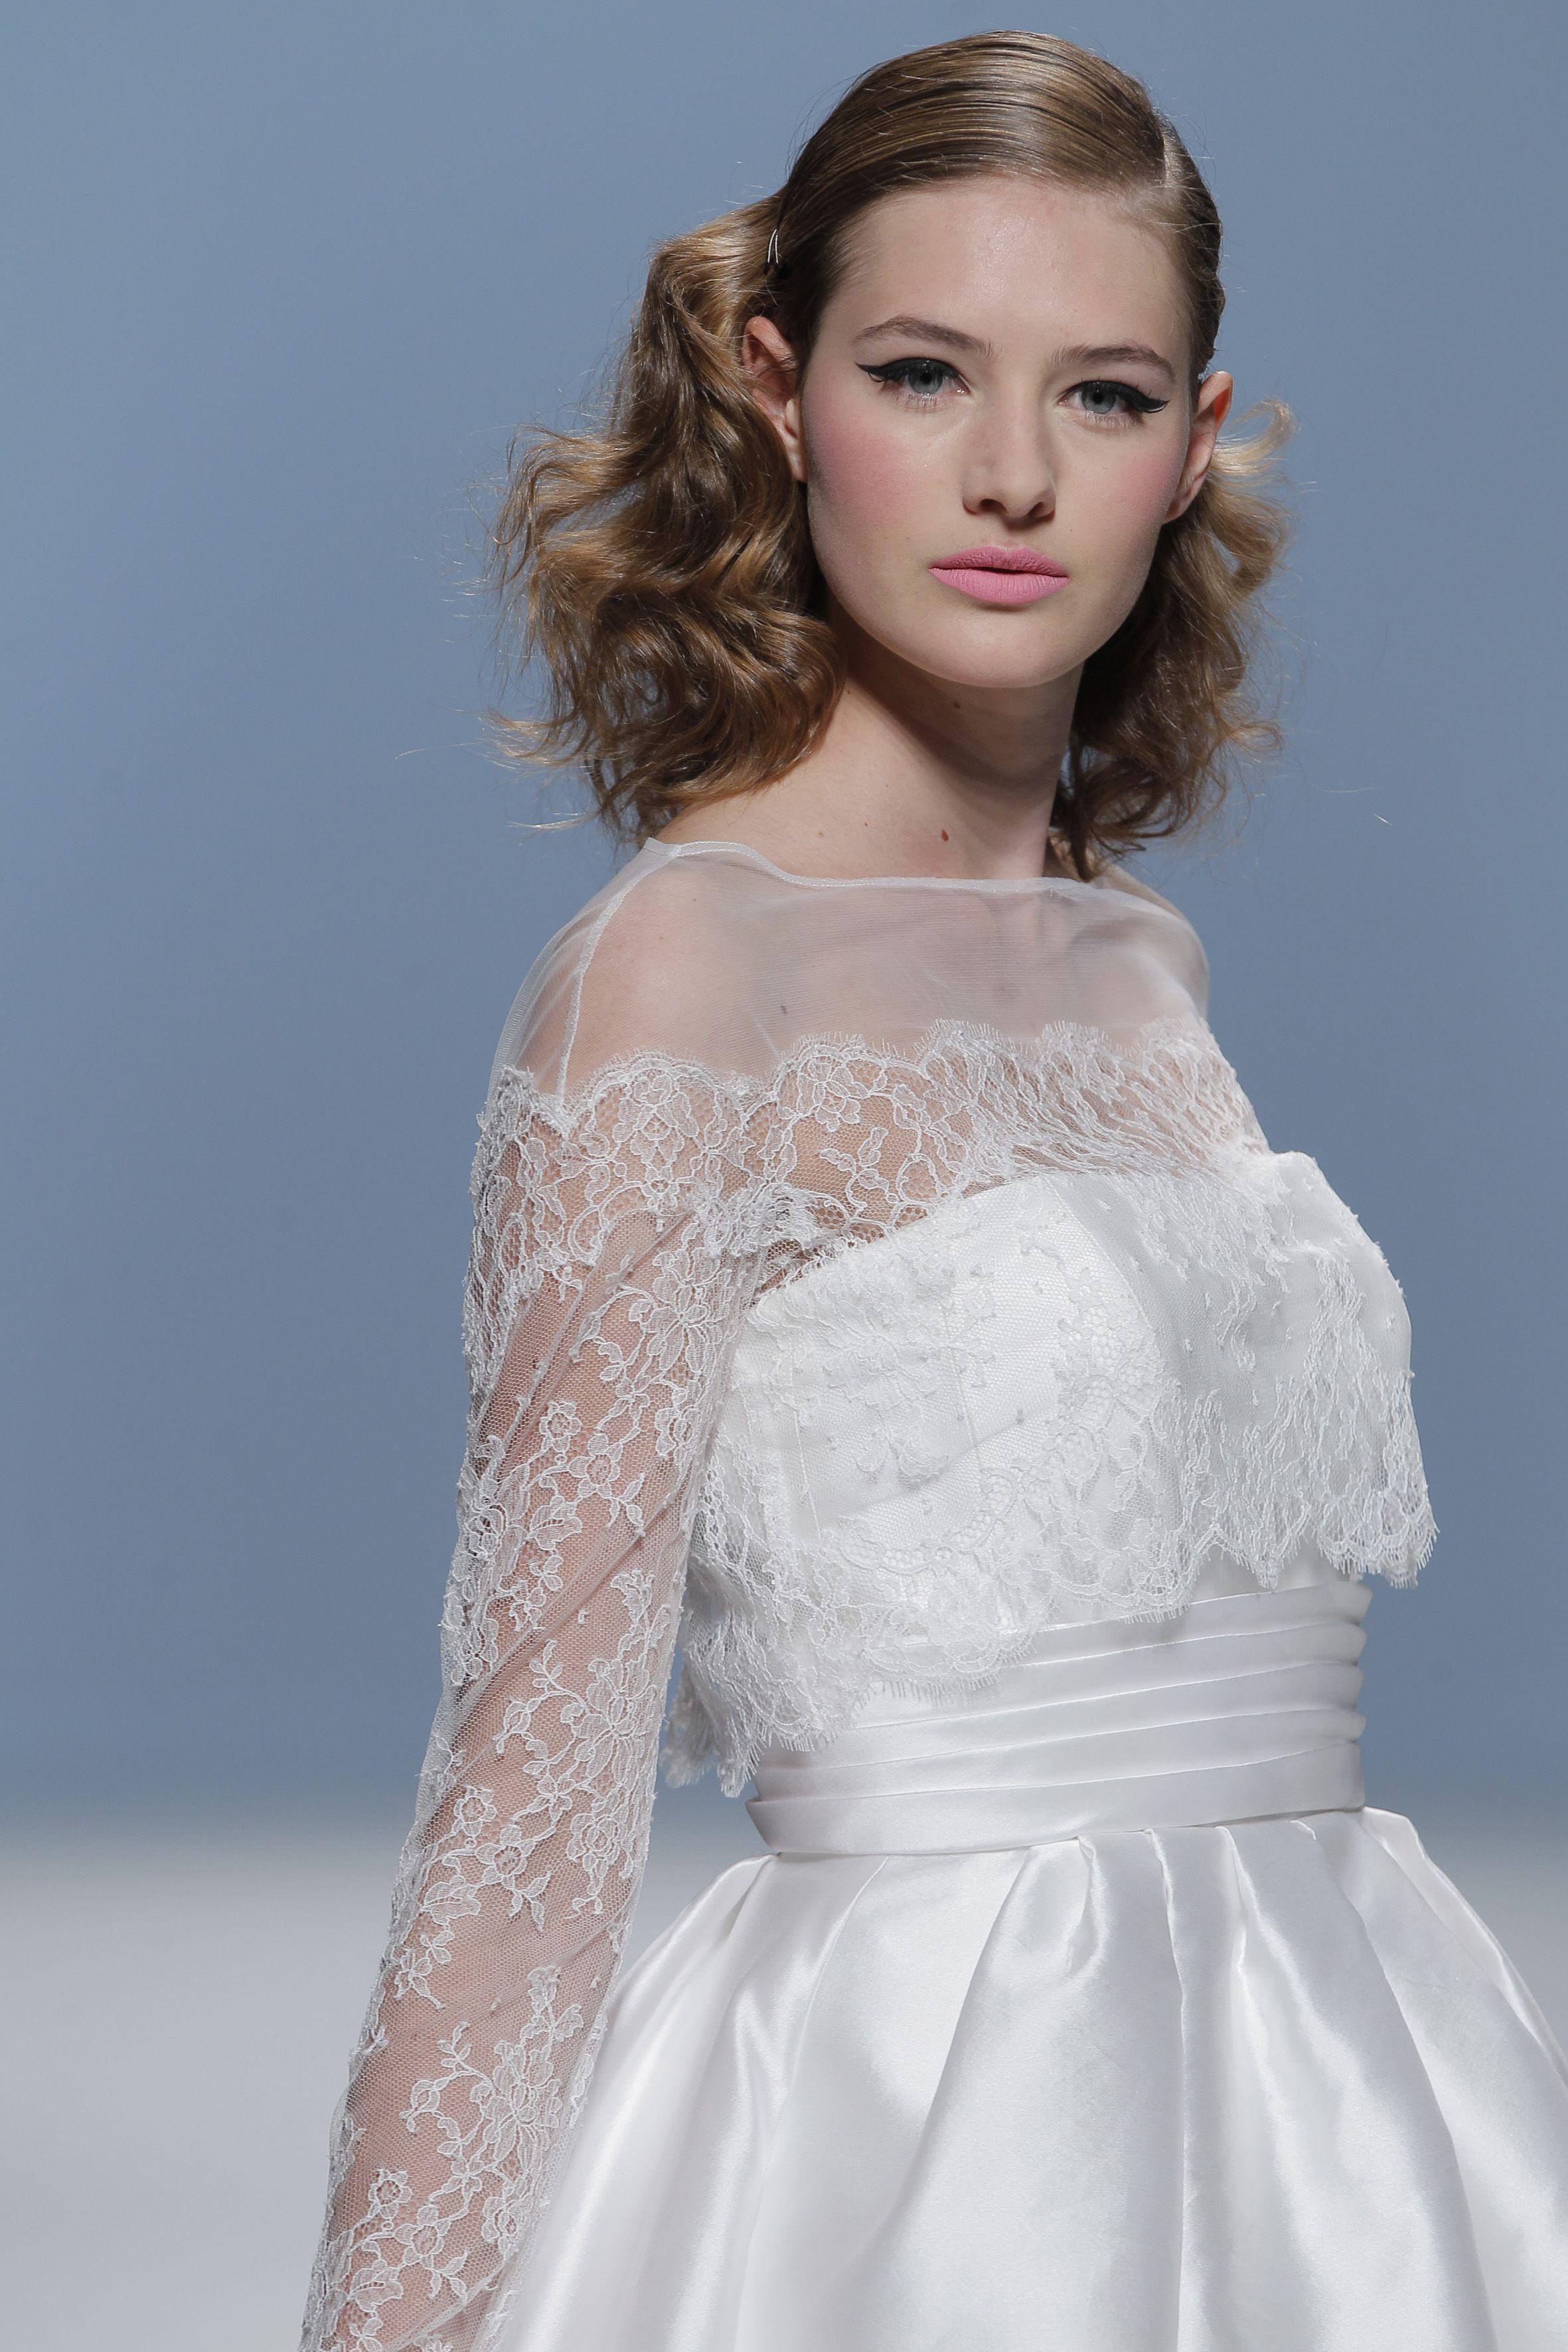 Vestido de novia Cymbeline colección 2014. | For that moment ...